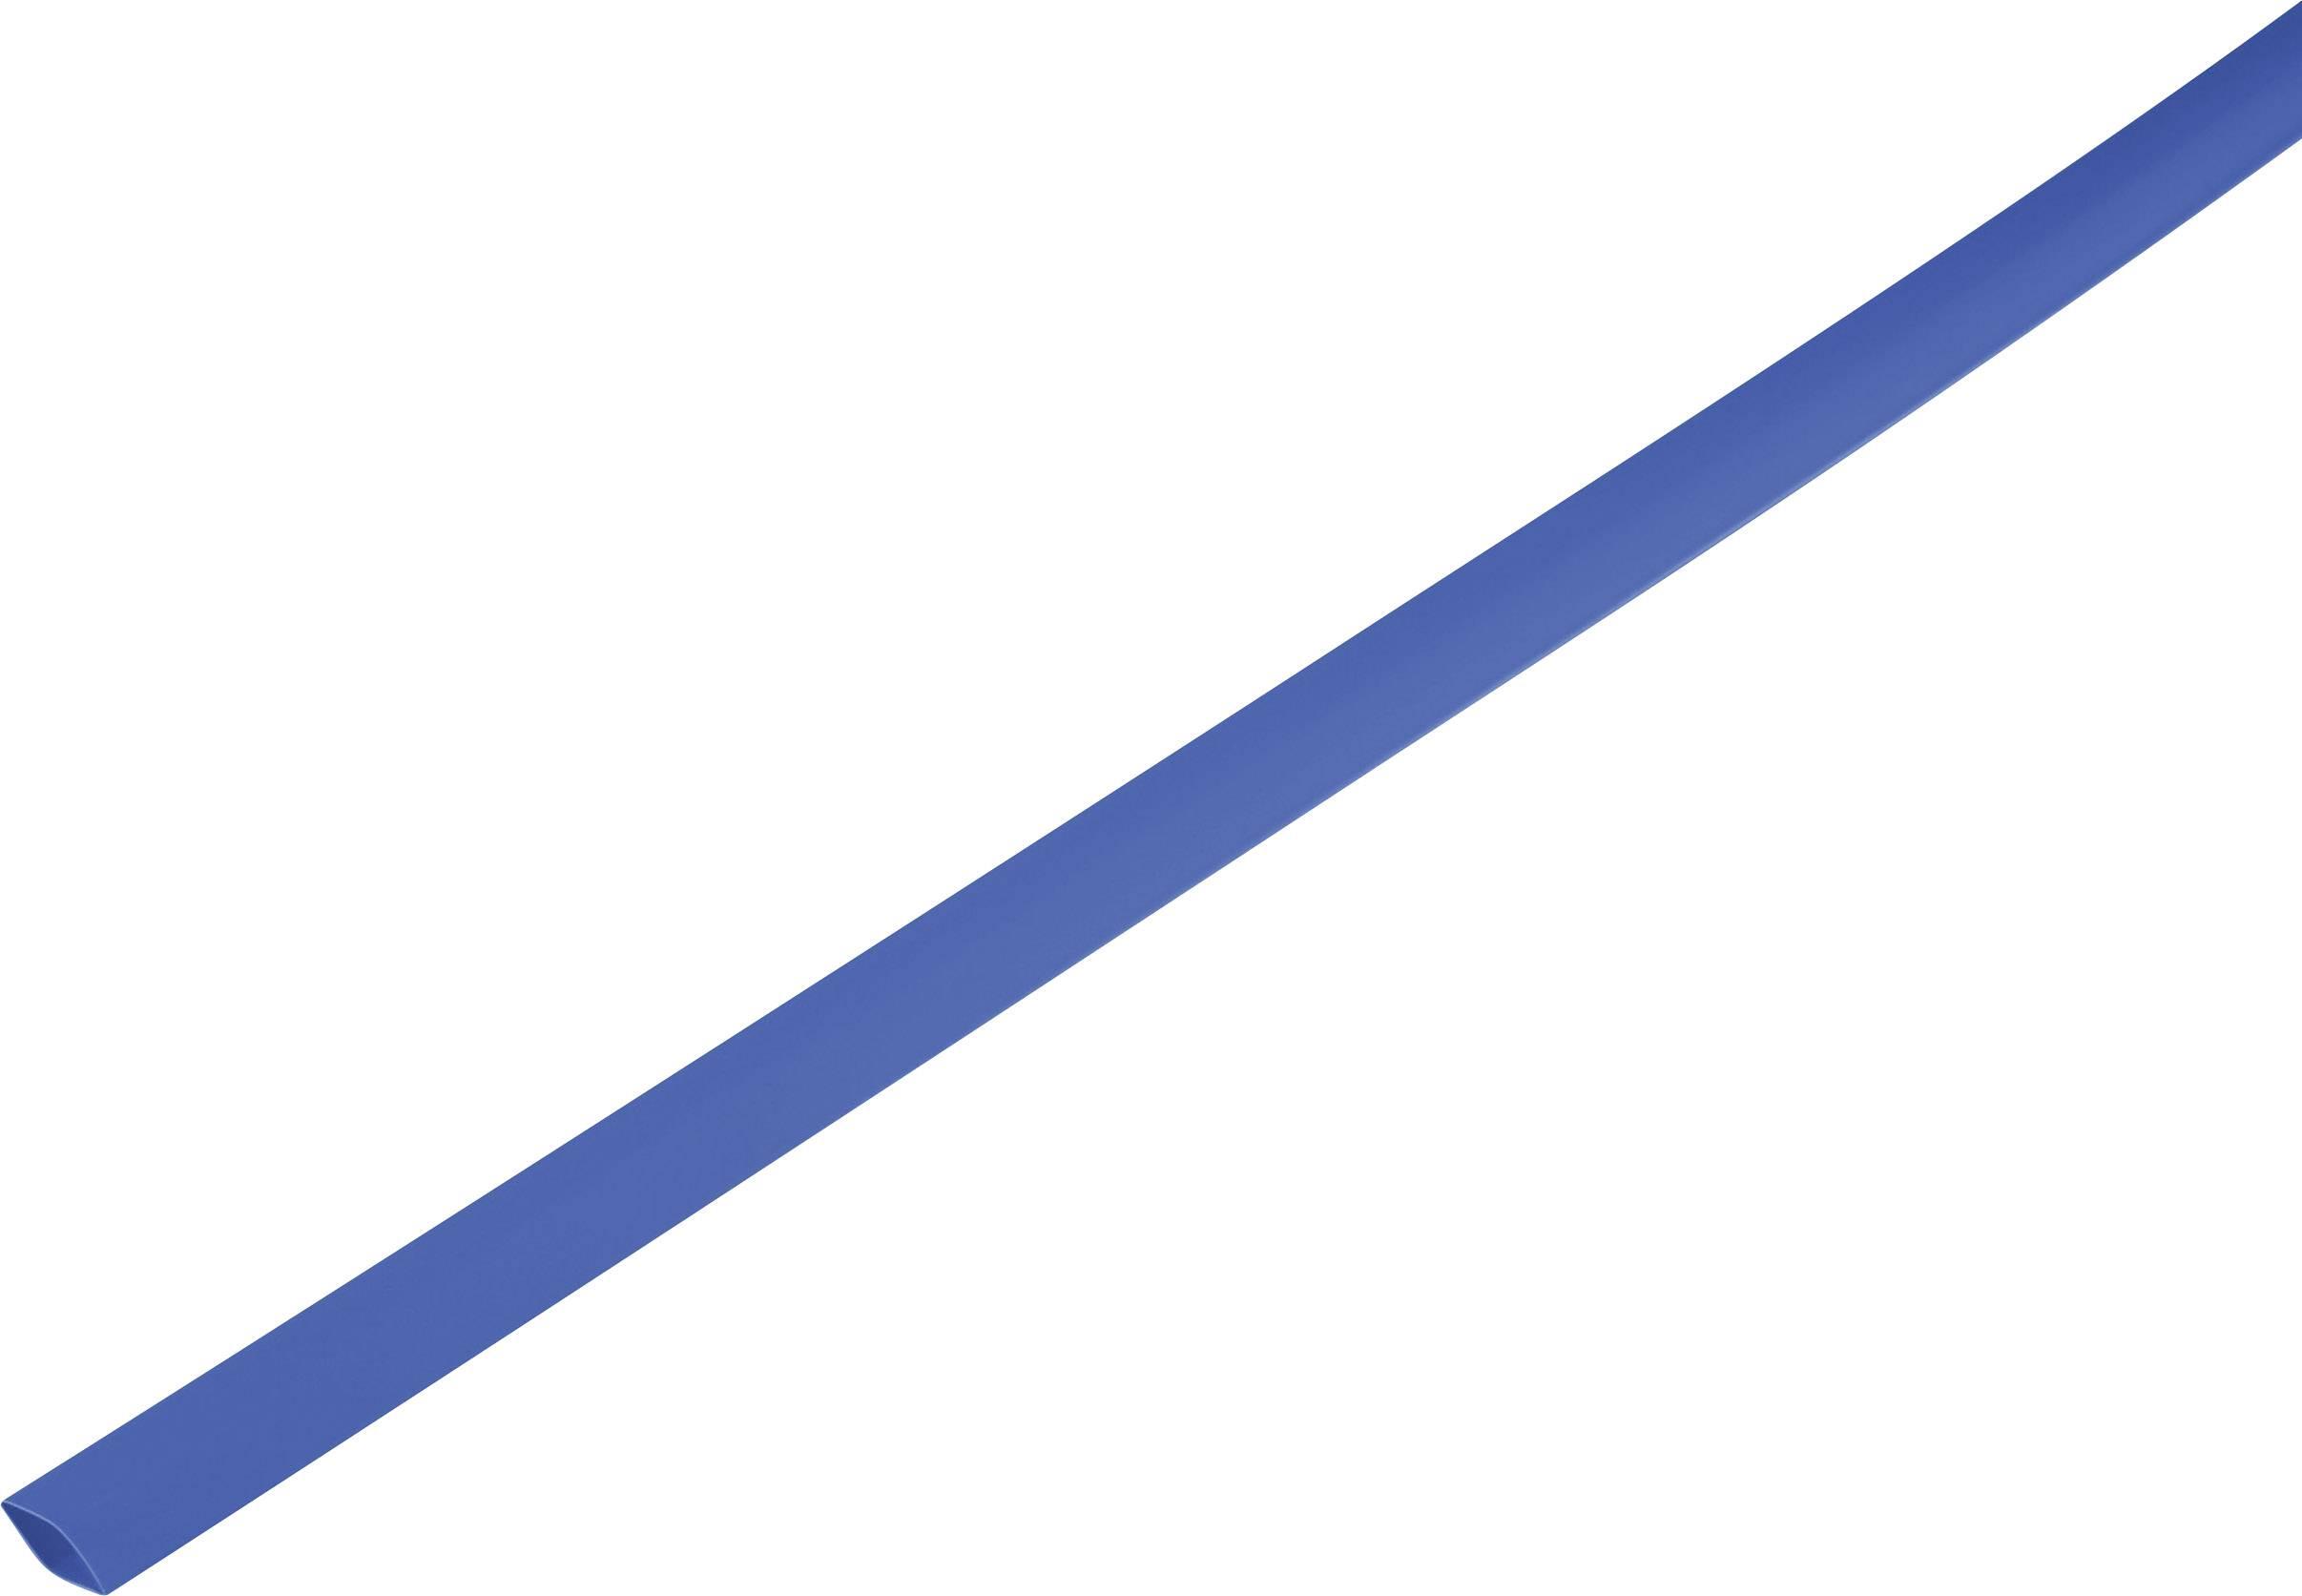 Zmršťovacie bužírky nelepiace 1225515, 2:1, 10.70 mm, modrá, metrový tovar